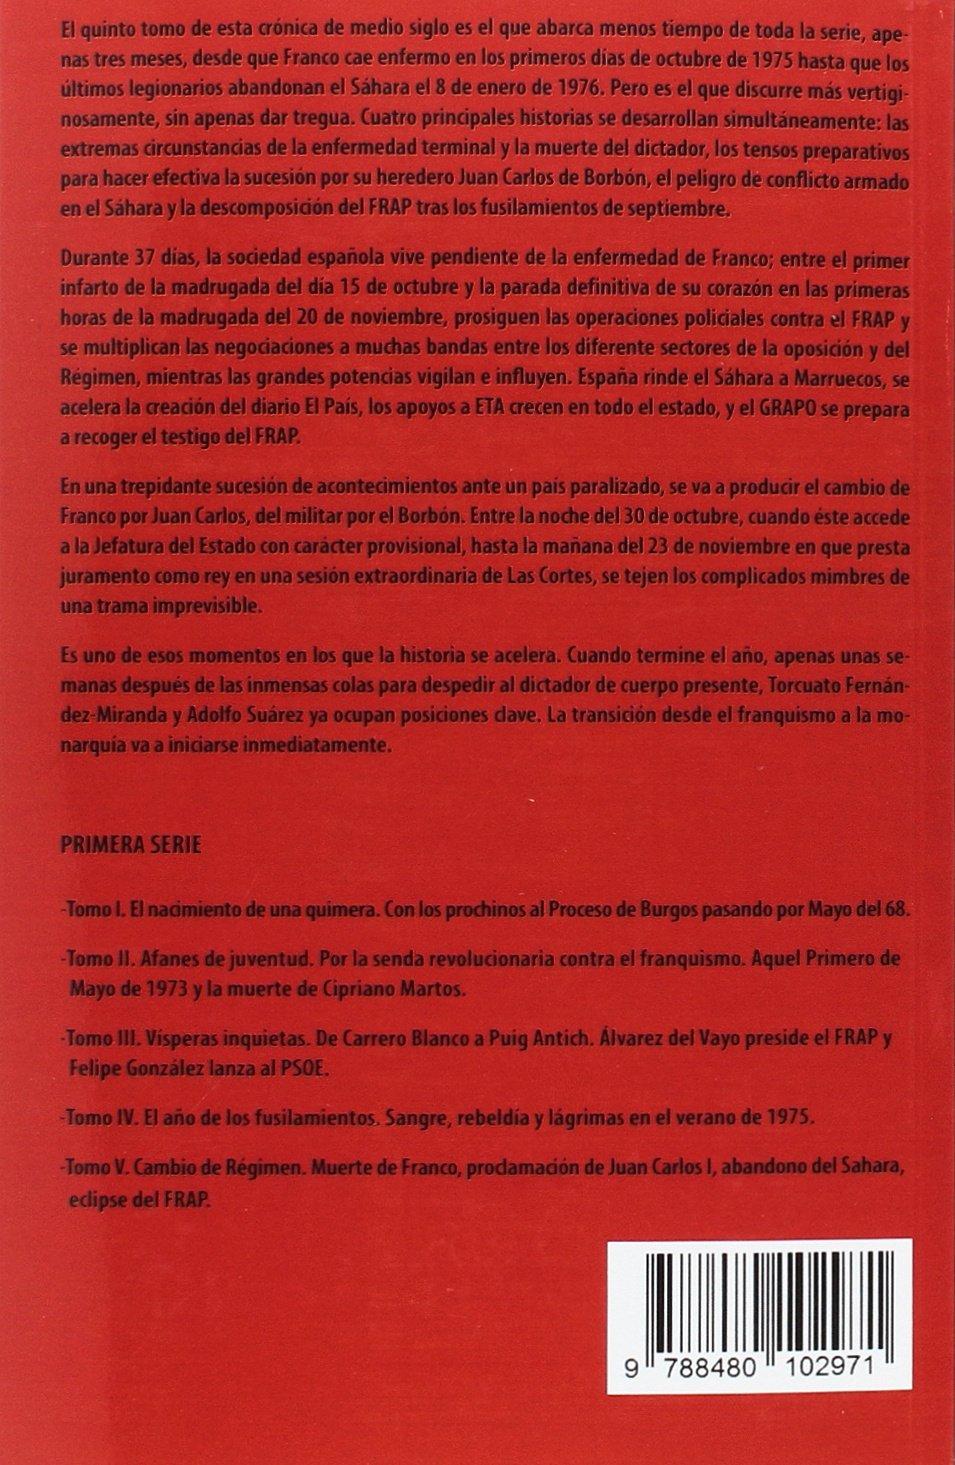 DEL FRAP A PODEMOS V: CAMBIO DE REGIMEN MUERTE: José Catalán Deus: 9788480102971: Amazon.com: Books